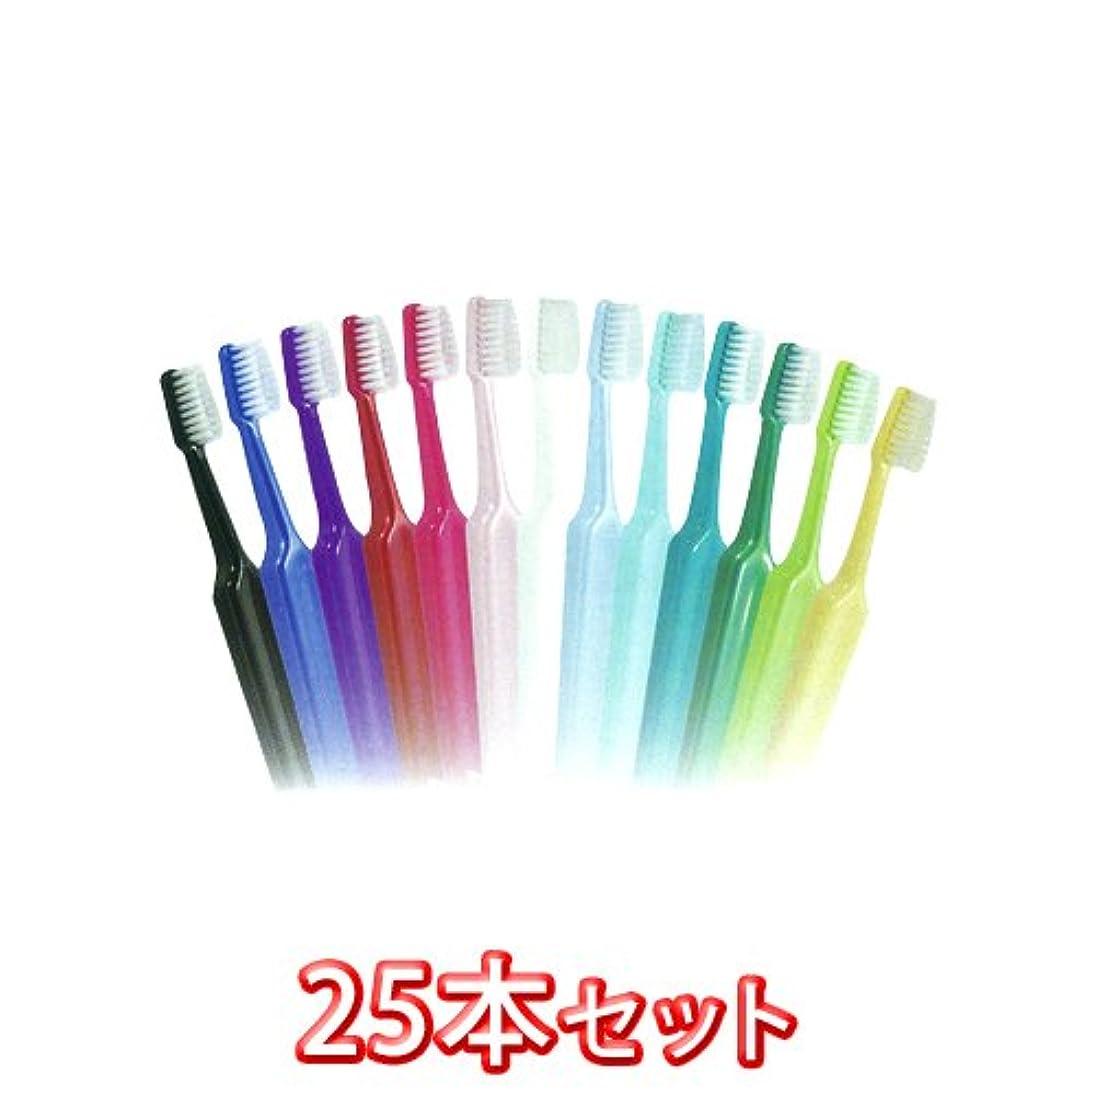 明確に突然無能クロスフィールド TePe テペ セレクトエクストラソフト 歯ブラシ 25本入